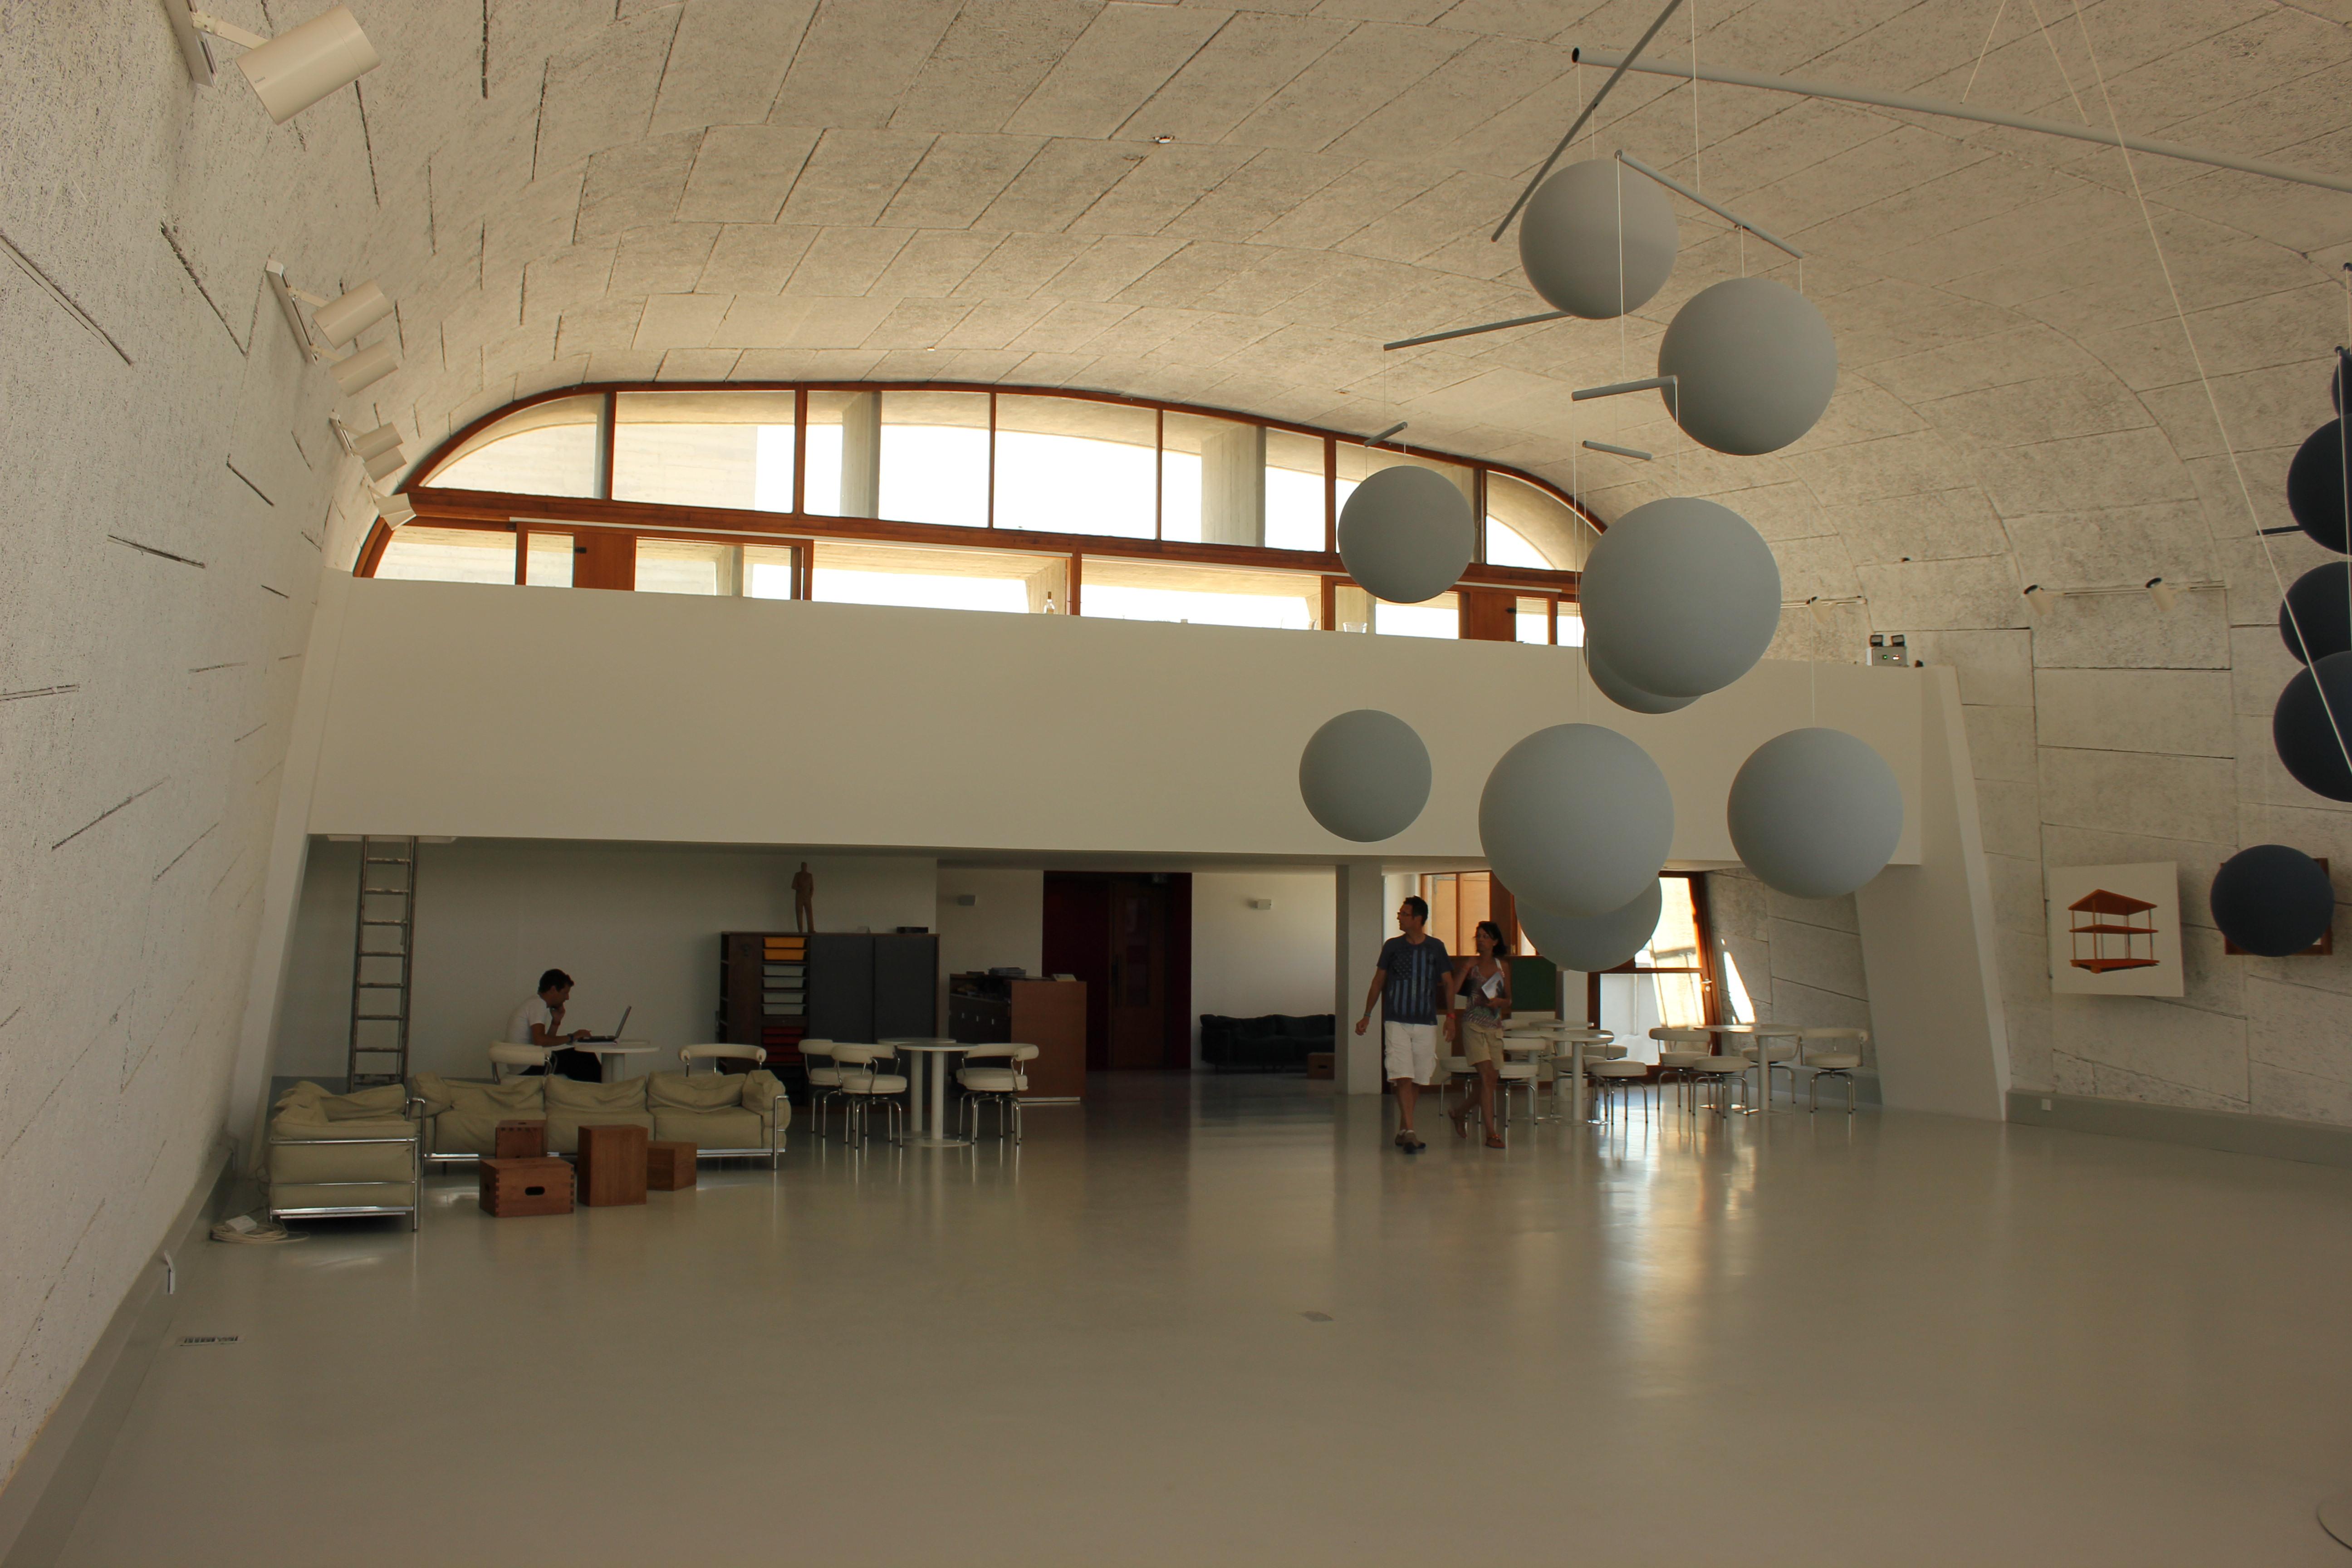 Hangar Transforme En Maison #6: ... Hangar Transforme En Maison #13: Le Gymnase Transformé En Espace  Du0027exposition ...